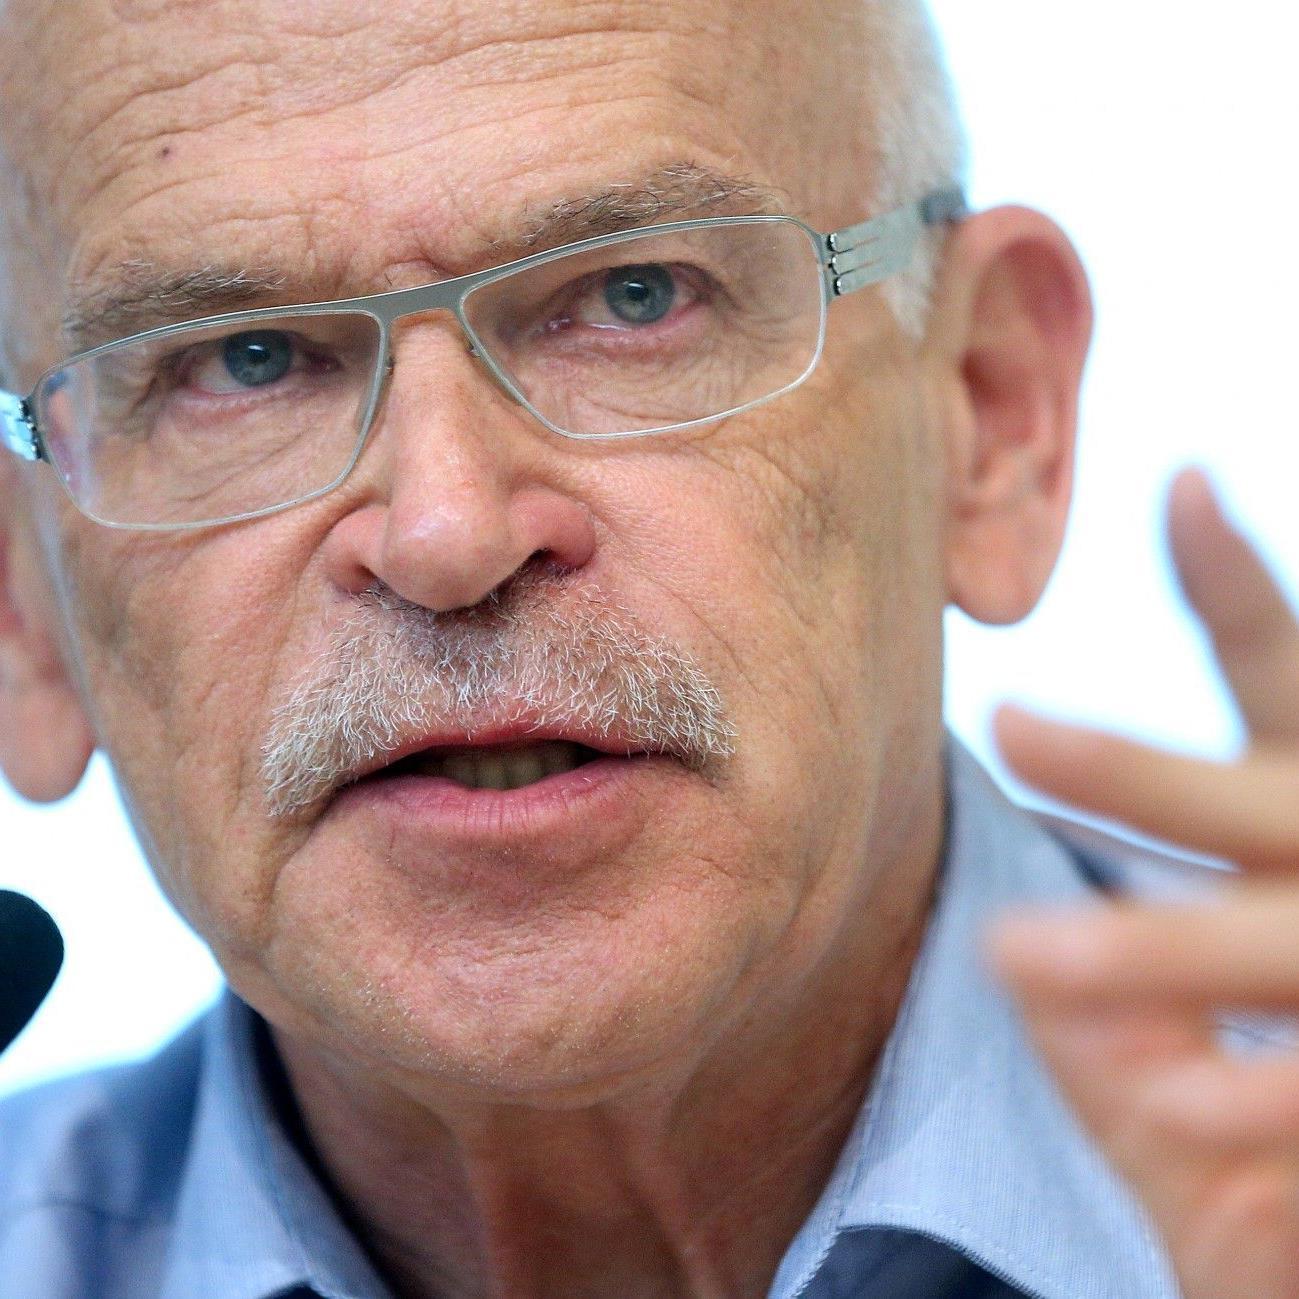 Deutscher Aufdecker-Journalist, Günter Wallraff, fürchtet Aushöhlung der Sozialstandards.